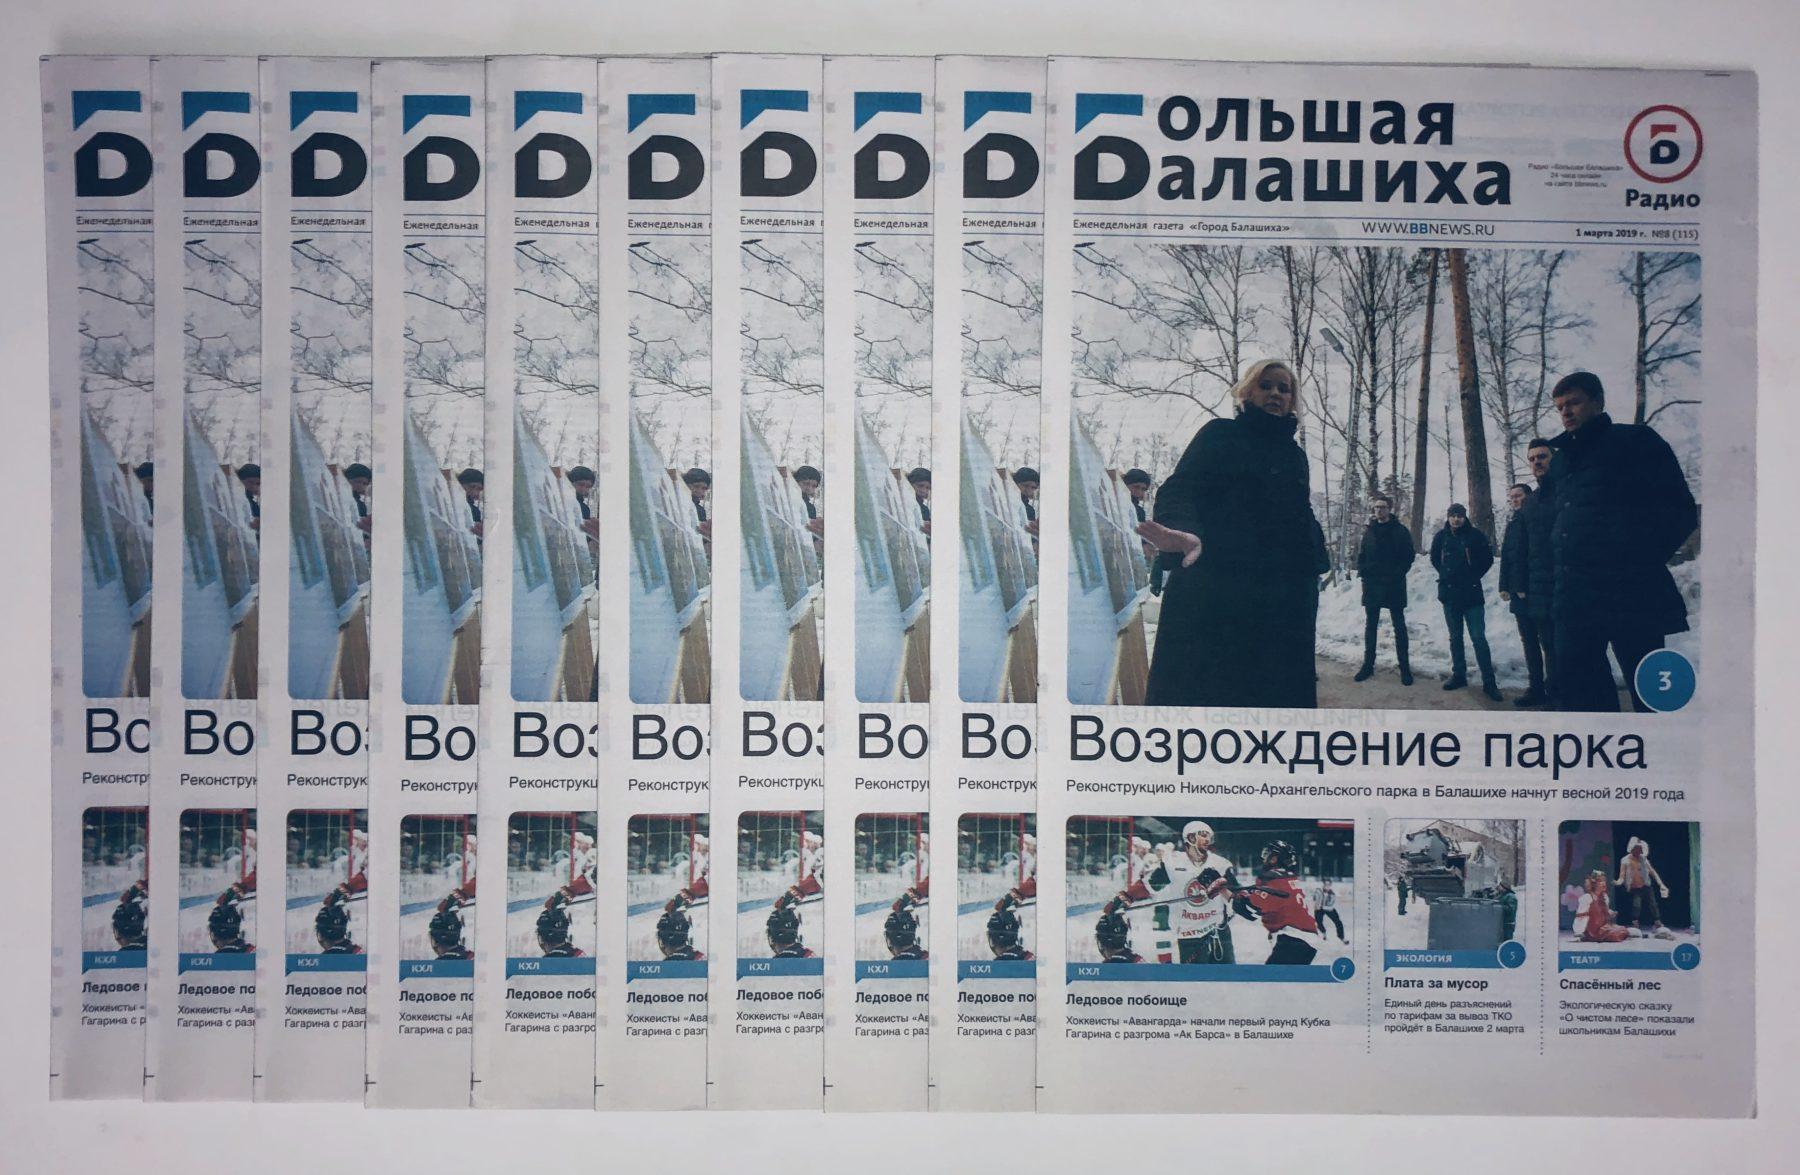 Вышла газета «Город Балашиха» №8 (115)